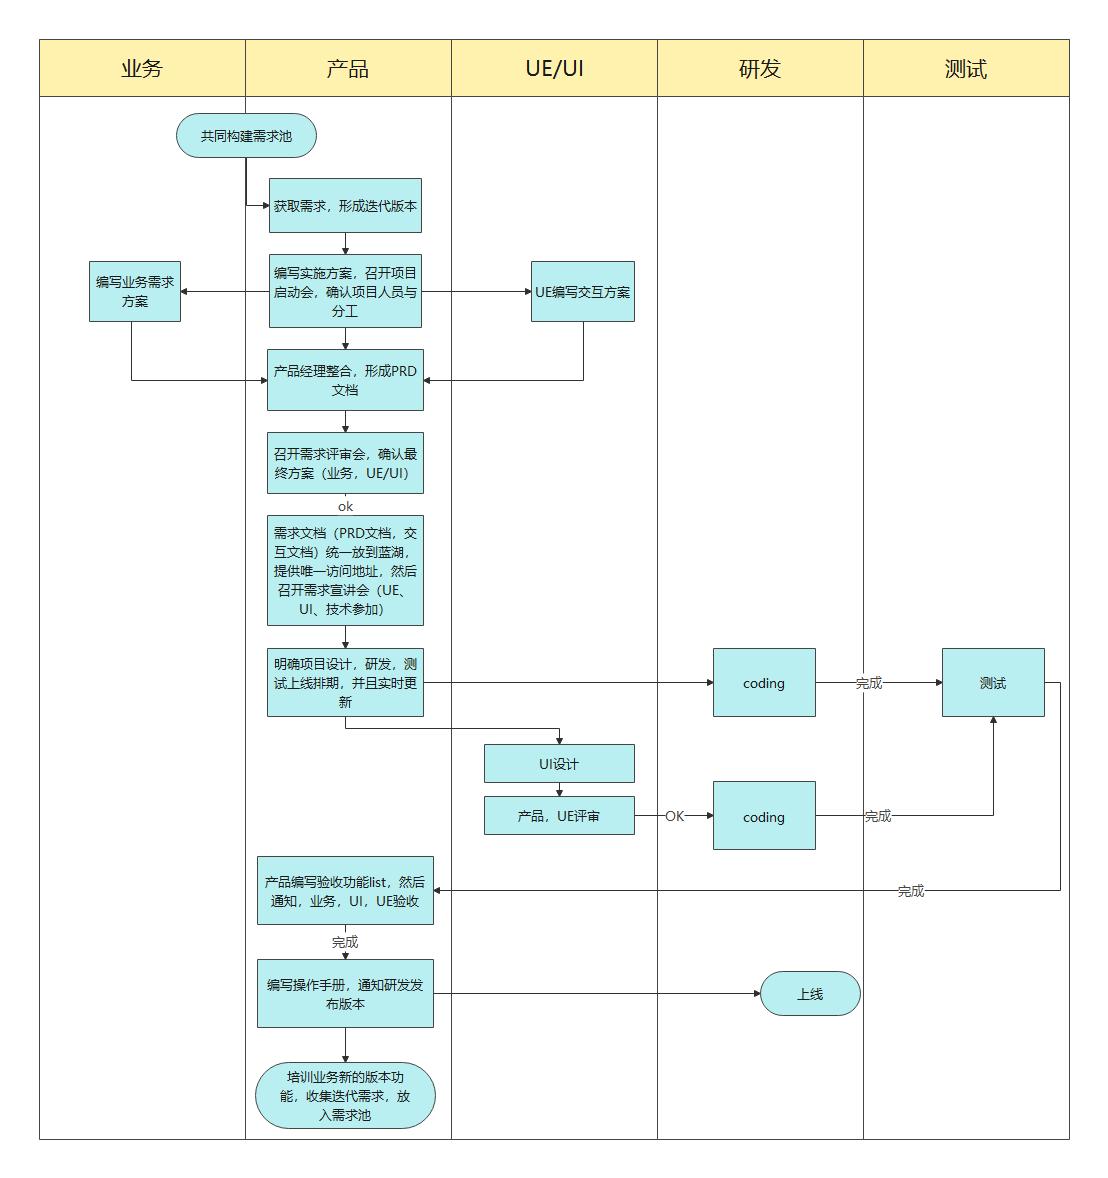 产品发布流程图